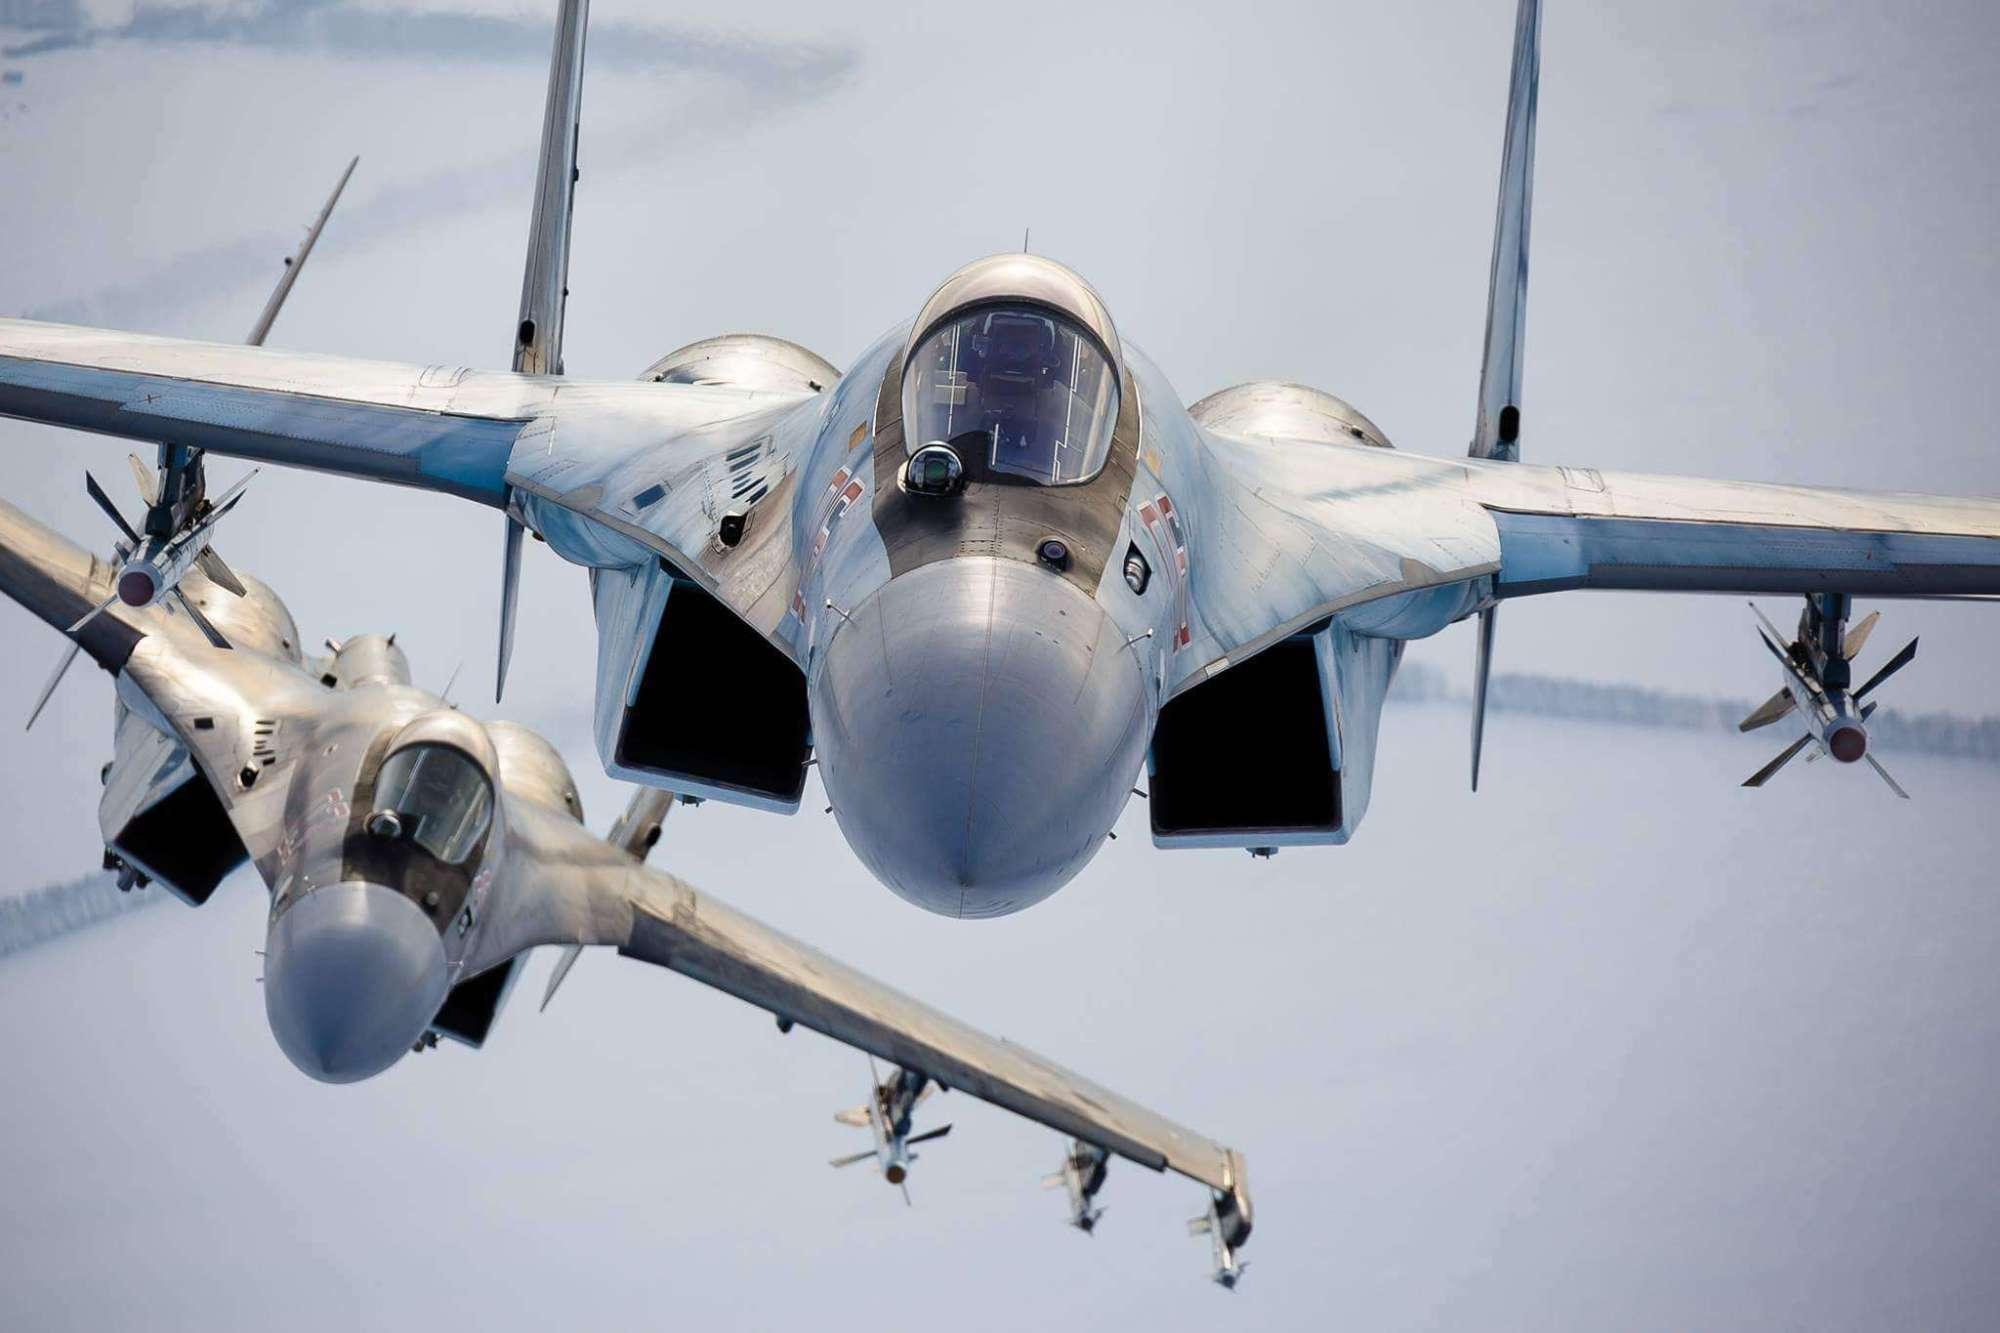 苏35不如F16,搭载先进雷达但航电系统是弱点,性能不容忽视